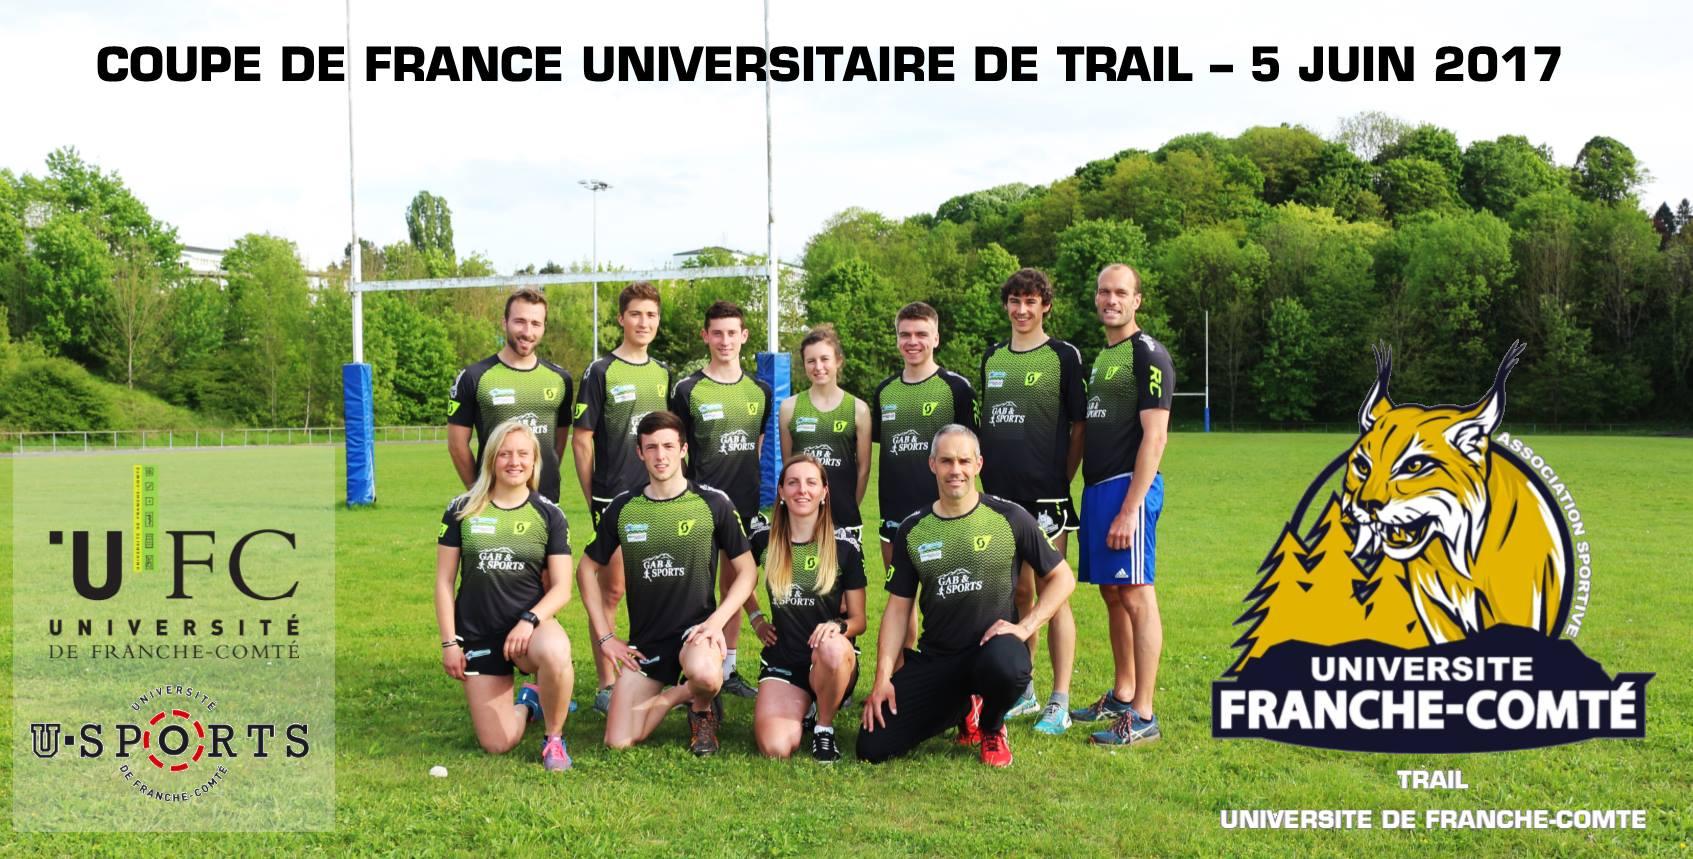 Une fière équipe de Franche-Comté au départ à Halte-Là